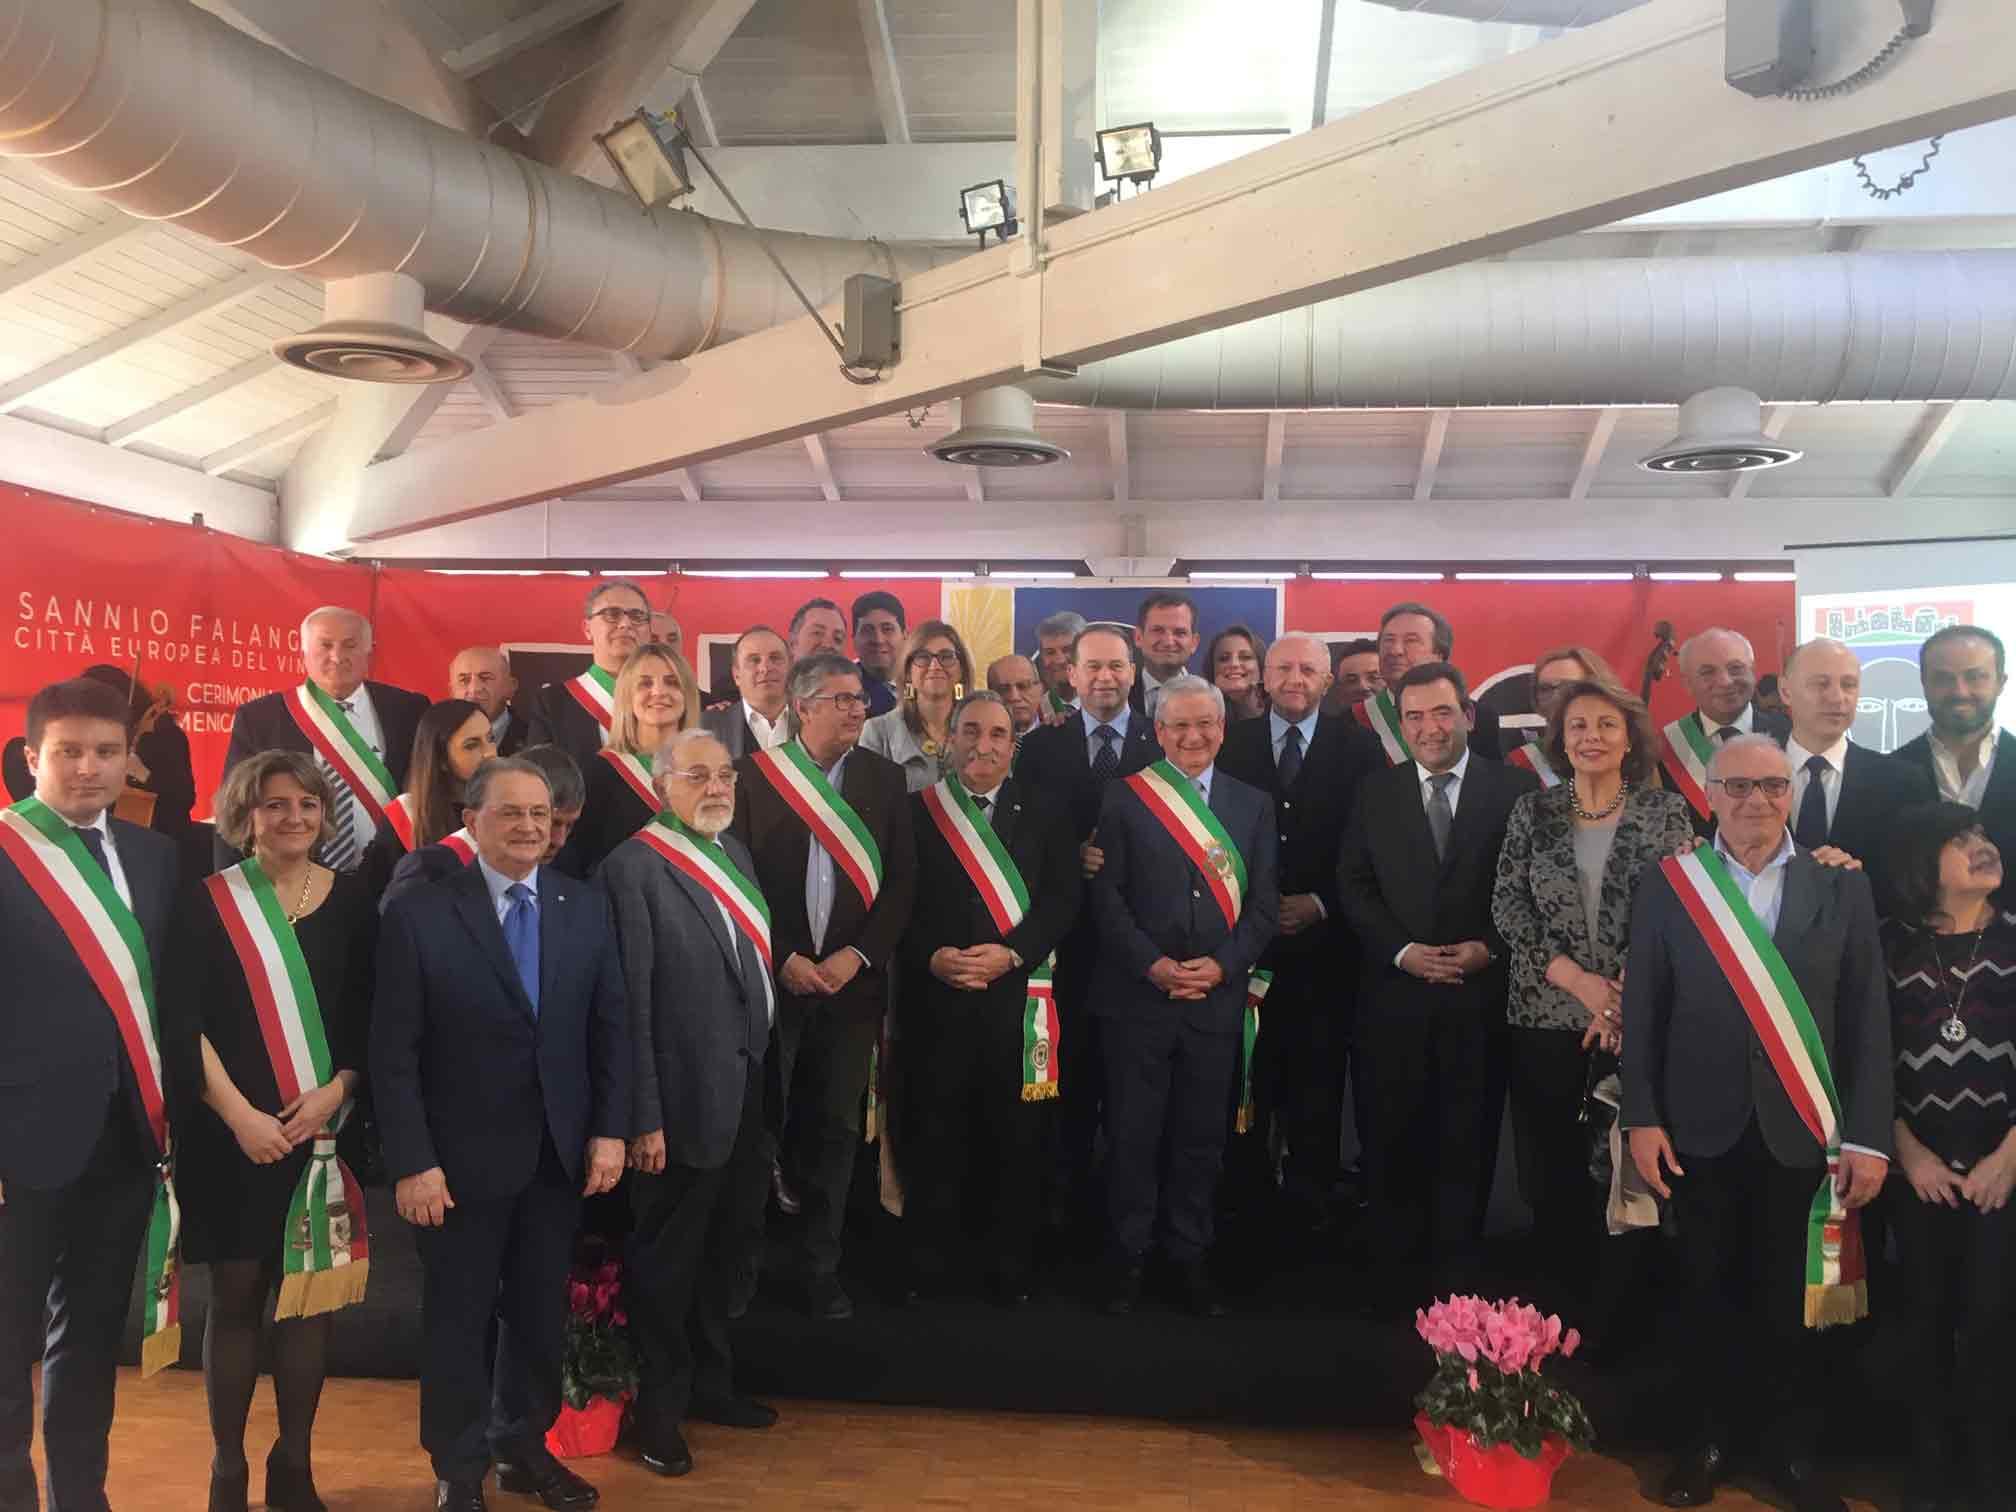 Sannio Falanghina: cerimonia di chiusura con il passaggio di testimone alla spagnola Aranda de Duero Città europea del Vino 2020